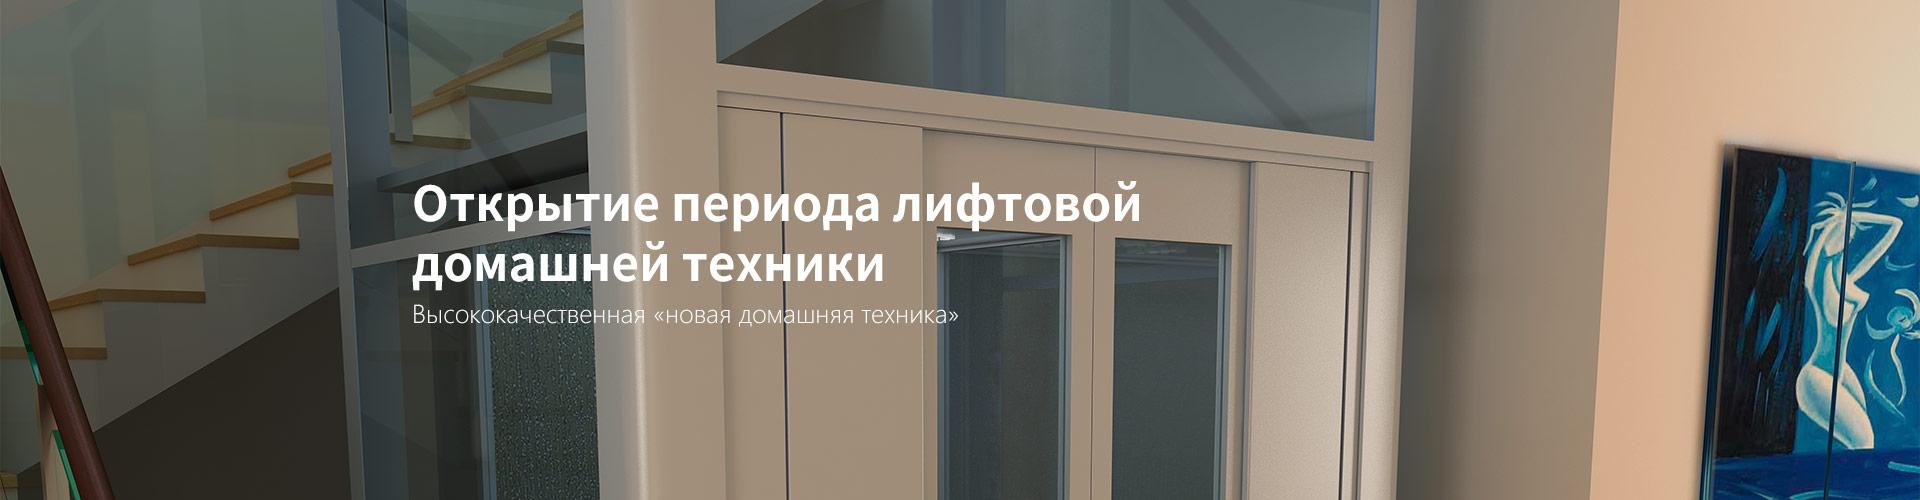 bsdt-ru_06